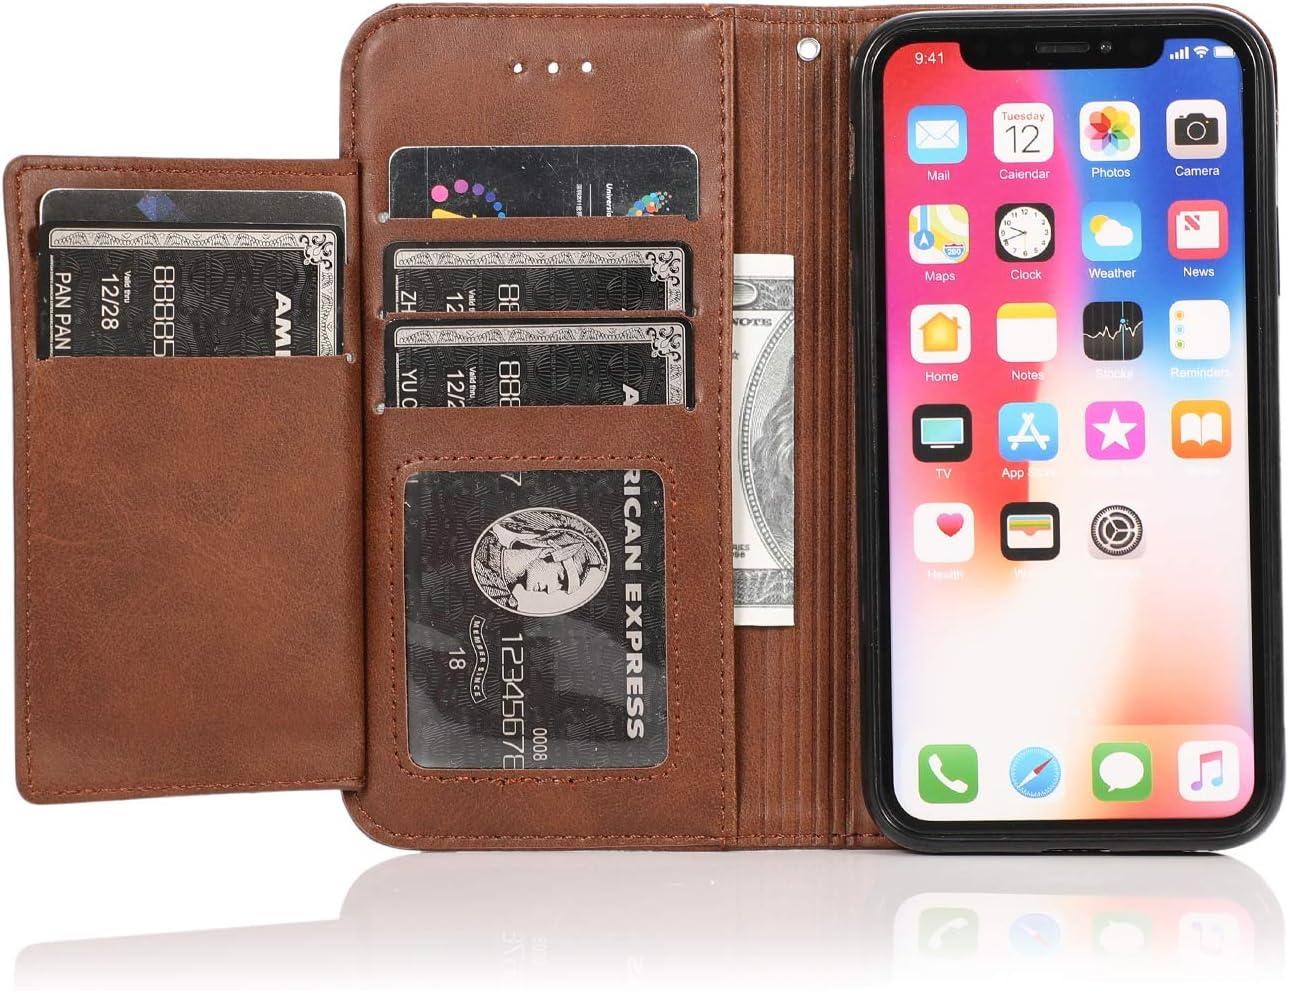 HUDDU Handyh/ülle Kompatibel mit iPhone X iPhone XS H/ülle Leder Wallet Schutzh/ülle 5 Kartenf/ächer Rei/ßverschluss Brieftasche Magnetverschluss Filp Tasche PU Case St/änder Lederh/ülle Wristlet Rose Gold